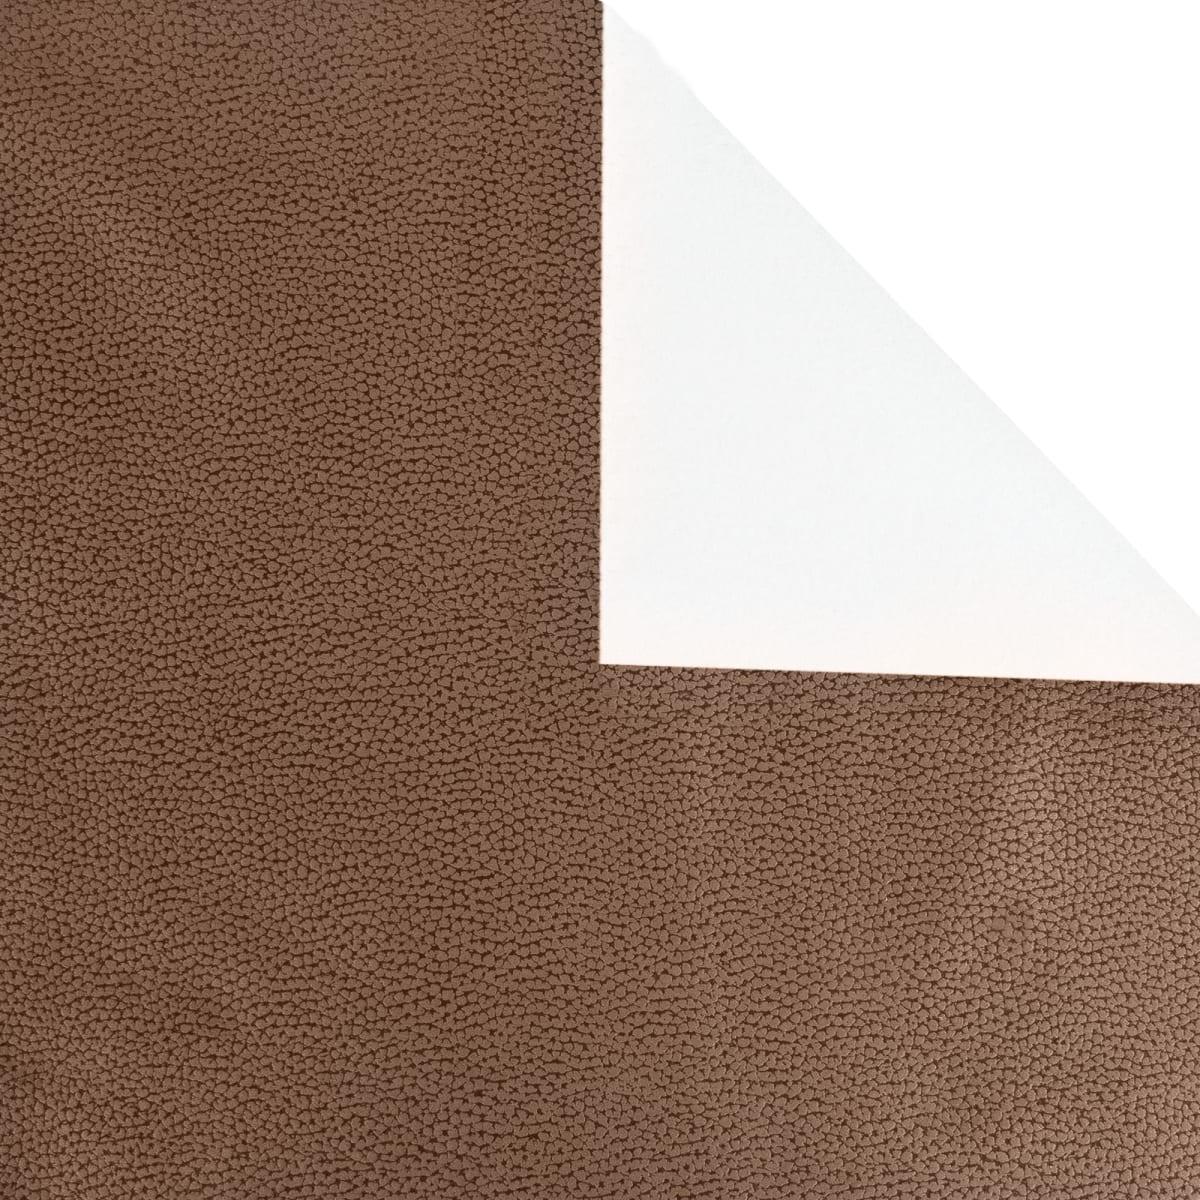 Ткань для обивки мебели в леруа мерлен бахрома бисерная купить